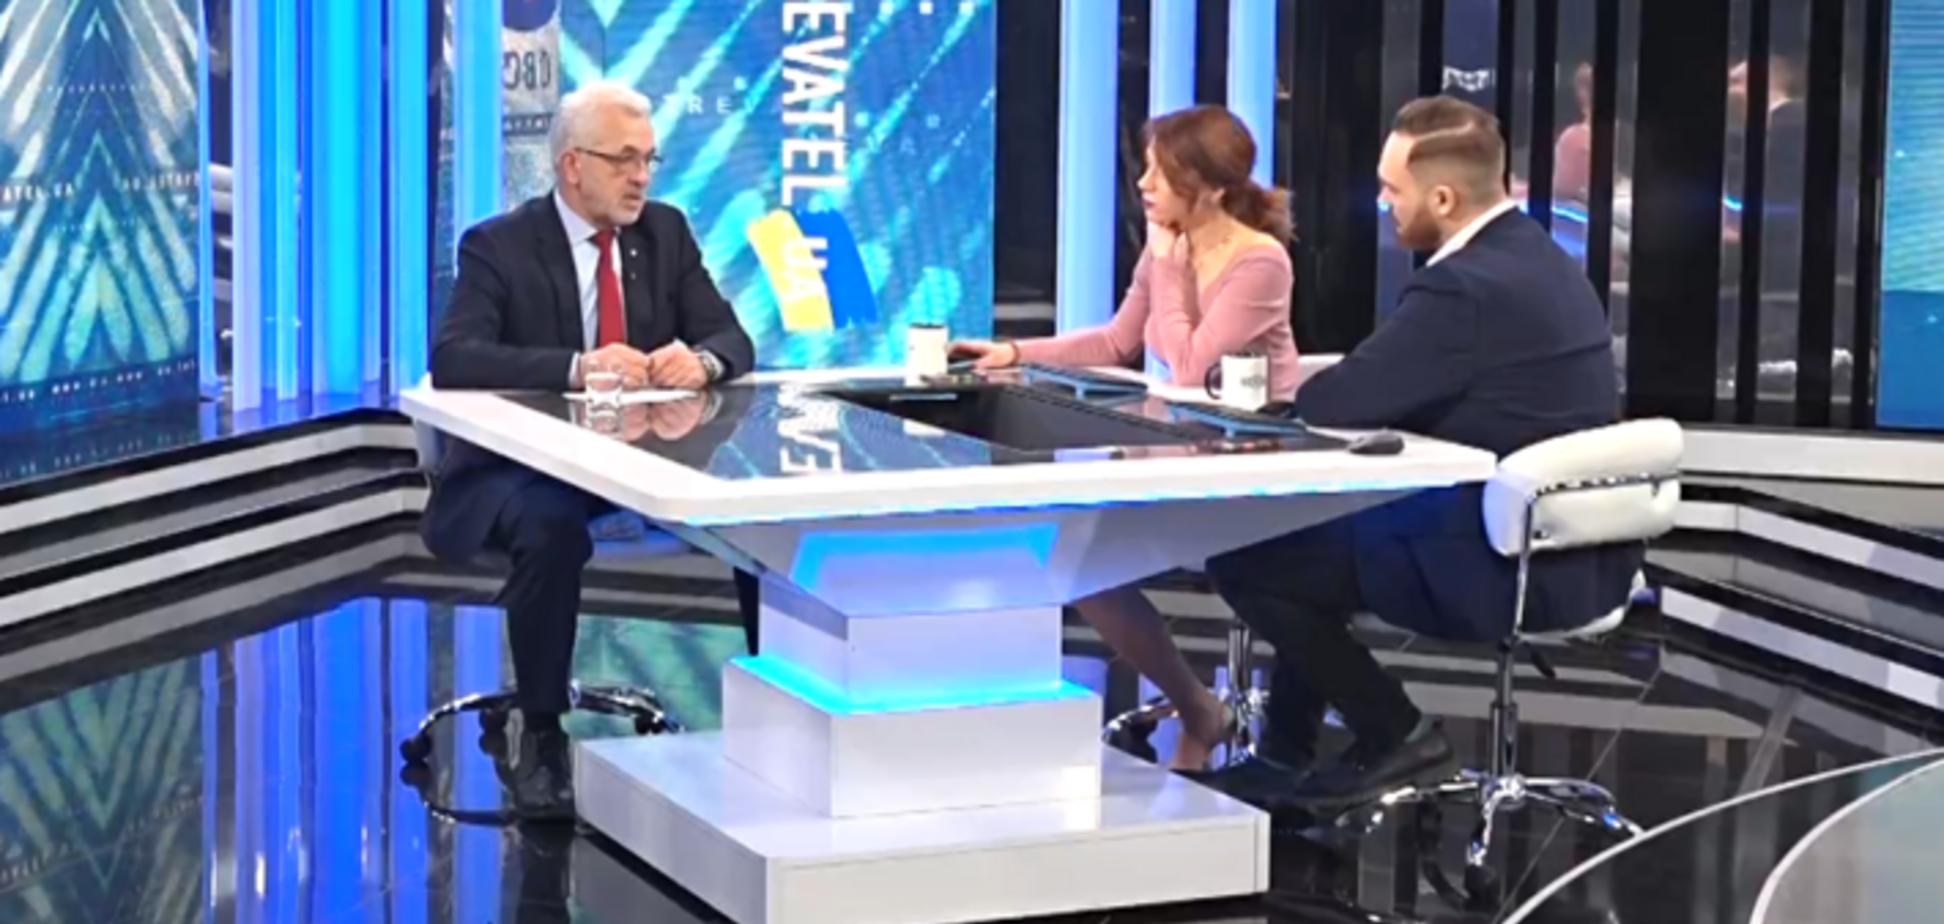 Украина сегодня добывает нефти на пять дней жизни страны: эксперт рассказал, почему не развивается нефтедобыча